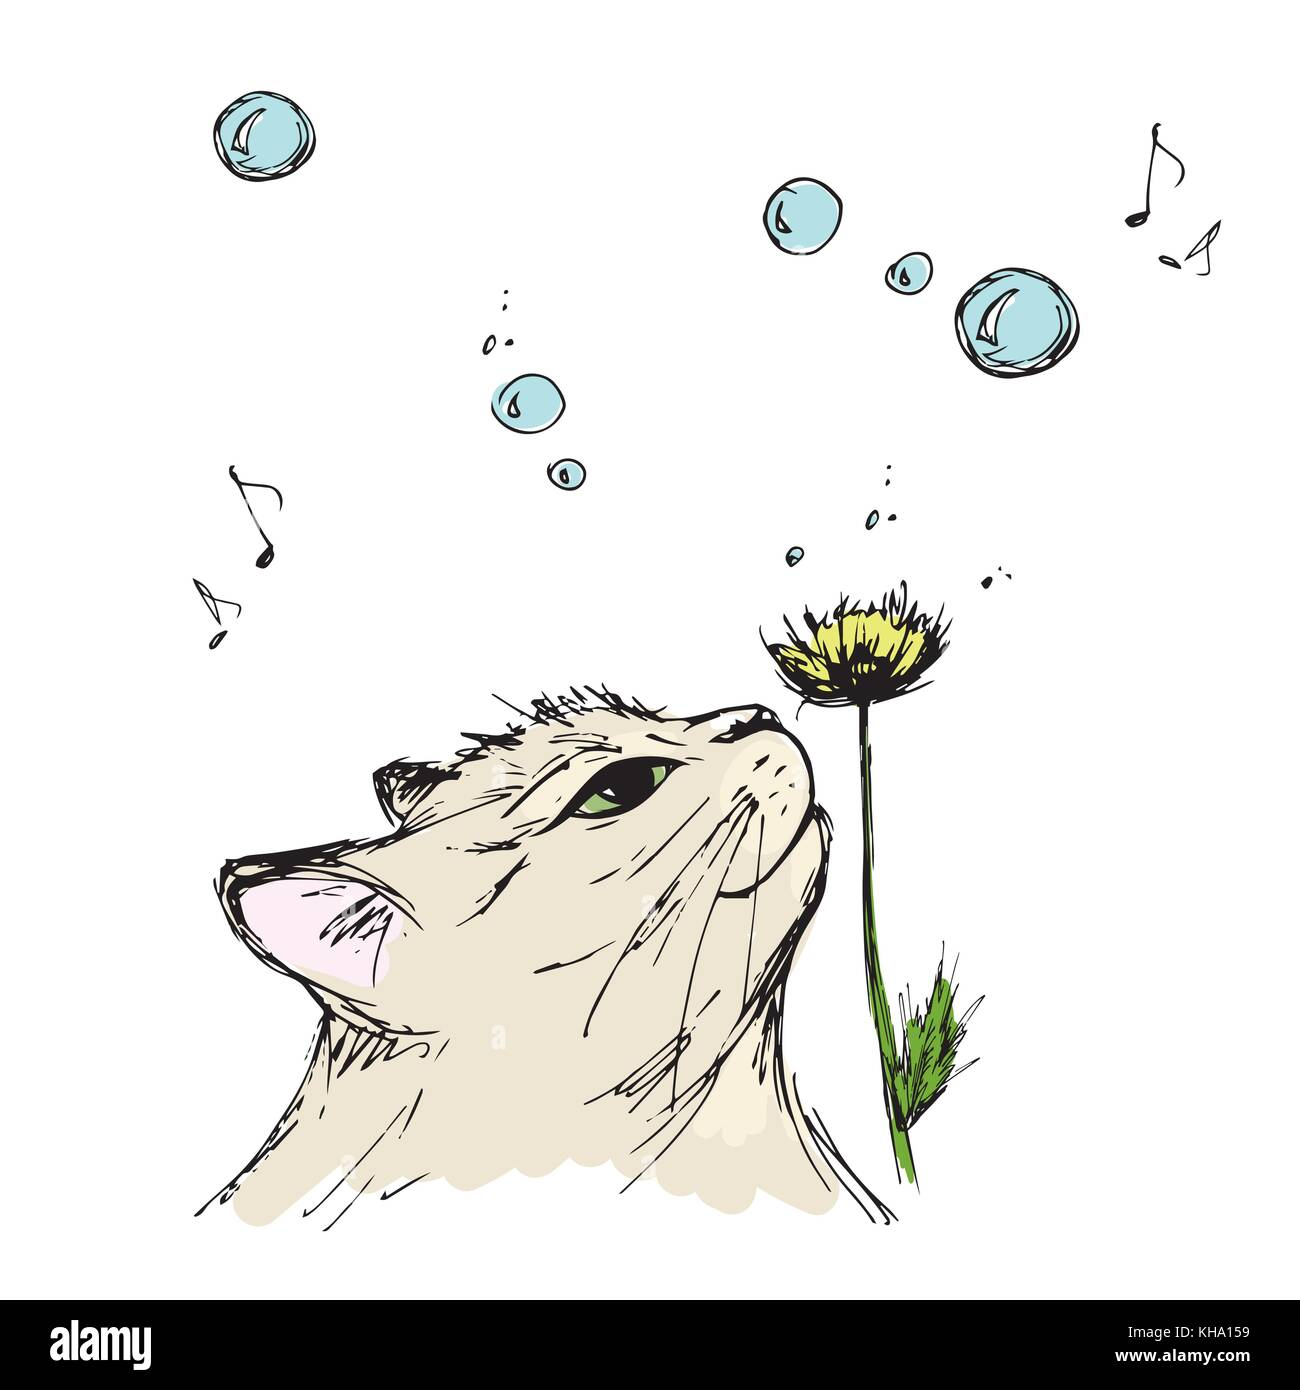 L Inhalation De Chat Une Fleur De Printemps Dessin à La